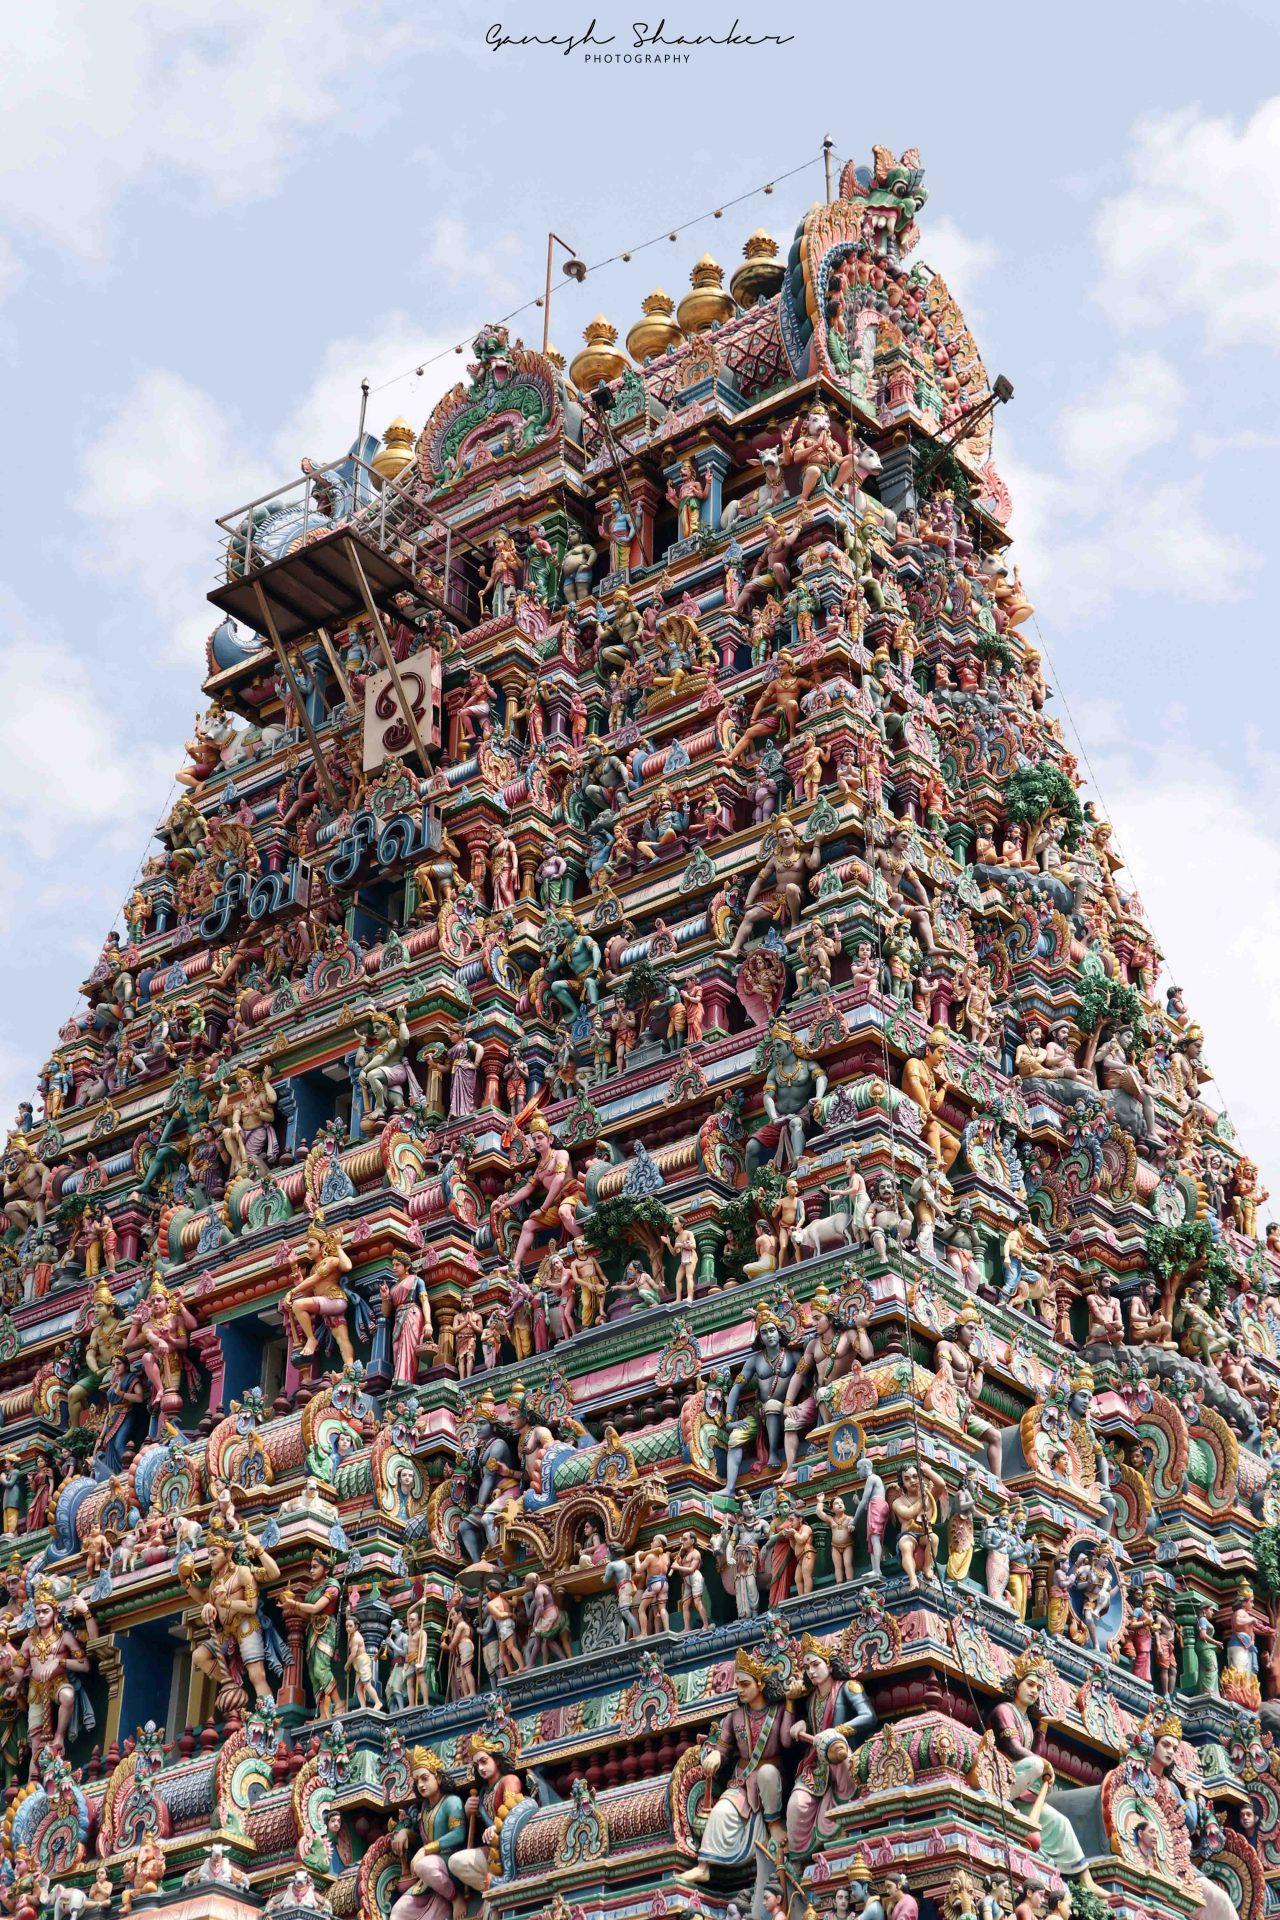 Kapaleeswarar-temple-photo-ganesh-shanker-kk